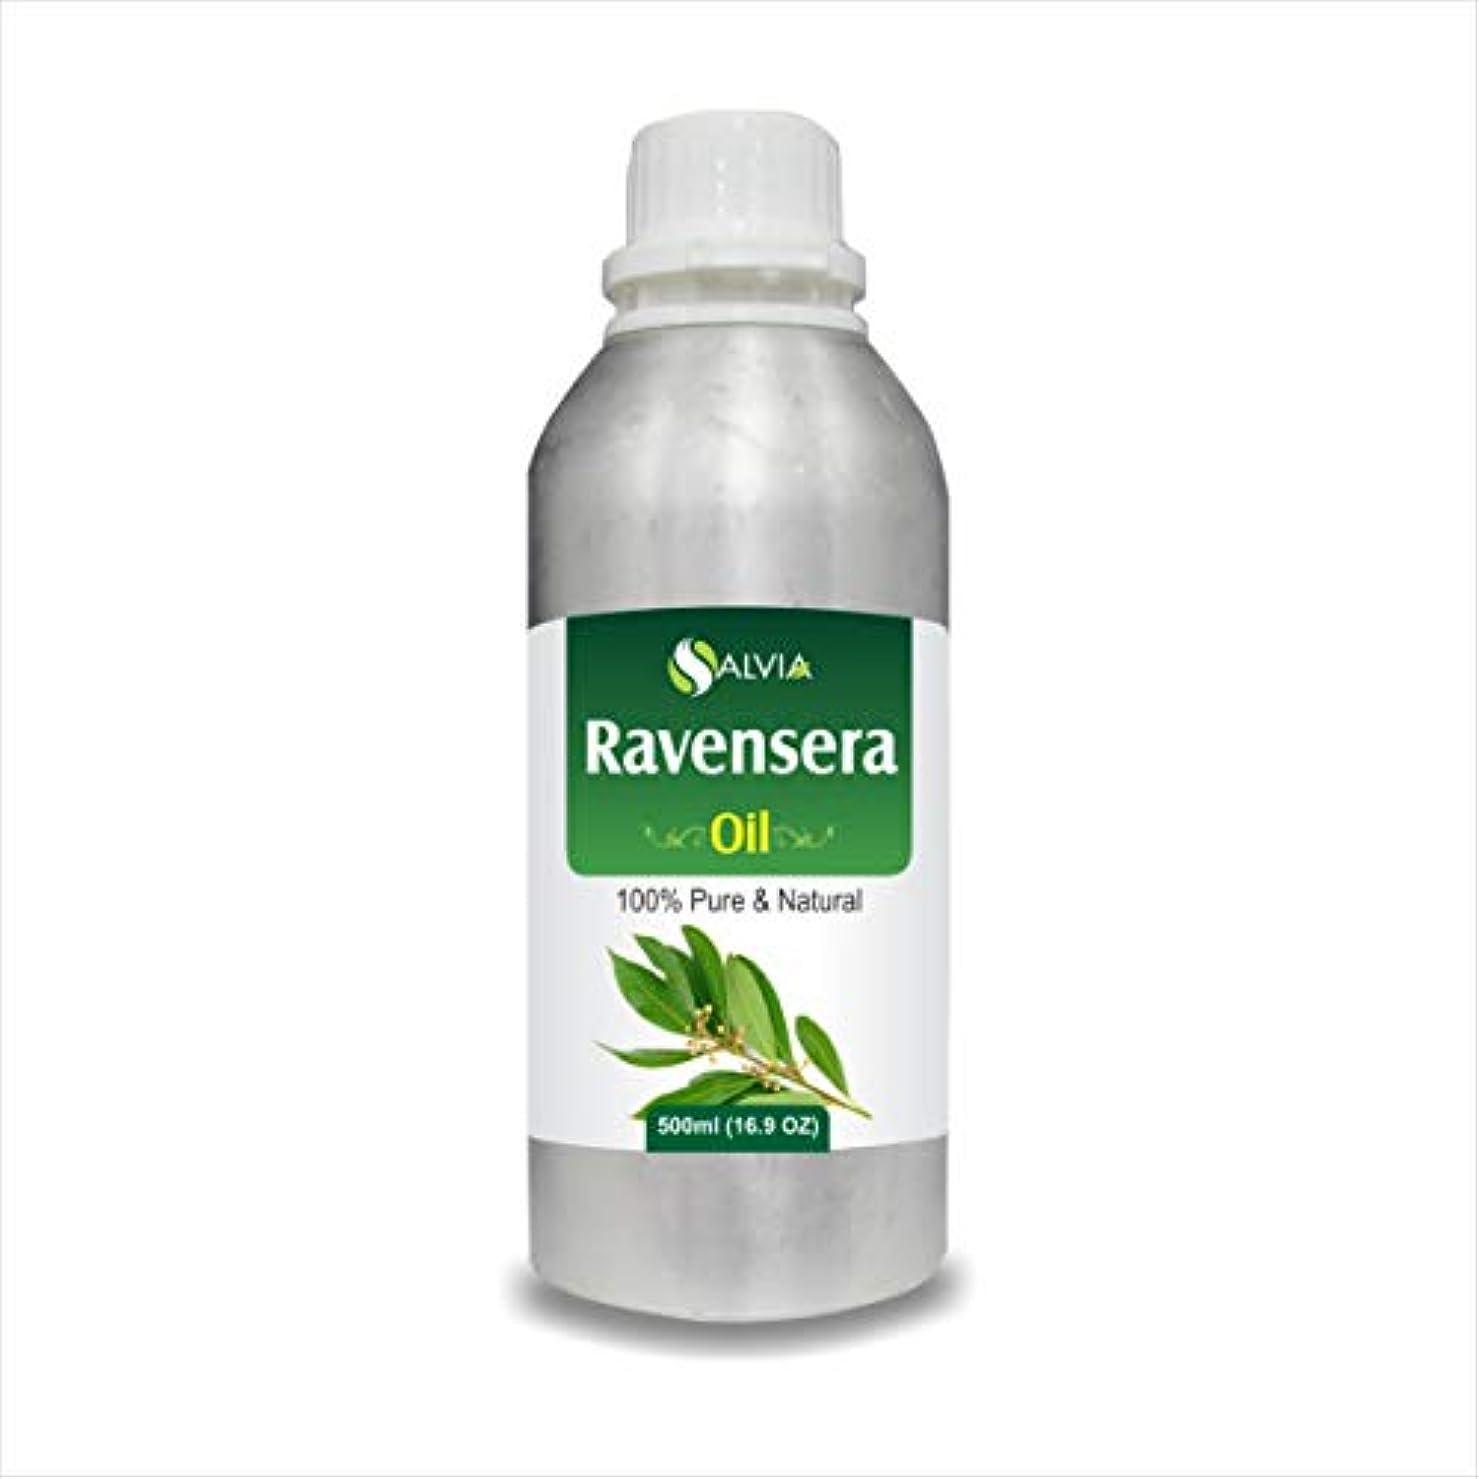 覗く支払い雄弁Ravensera Oil (Ravensara aromatic) 100% Natural Pure Undiluted Uncut Essential Oil 500ml